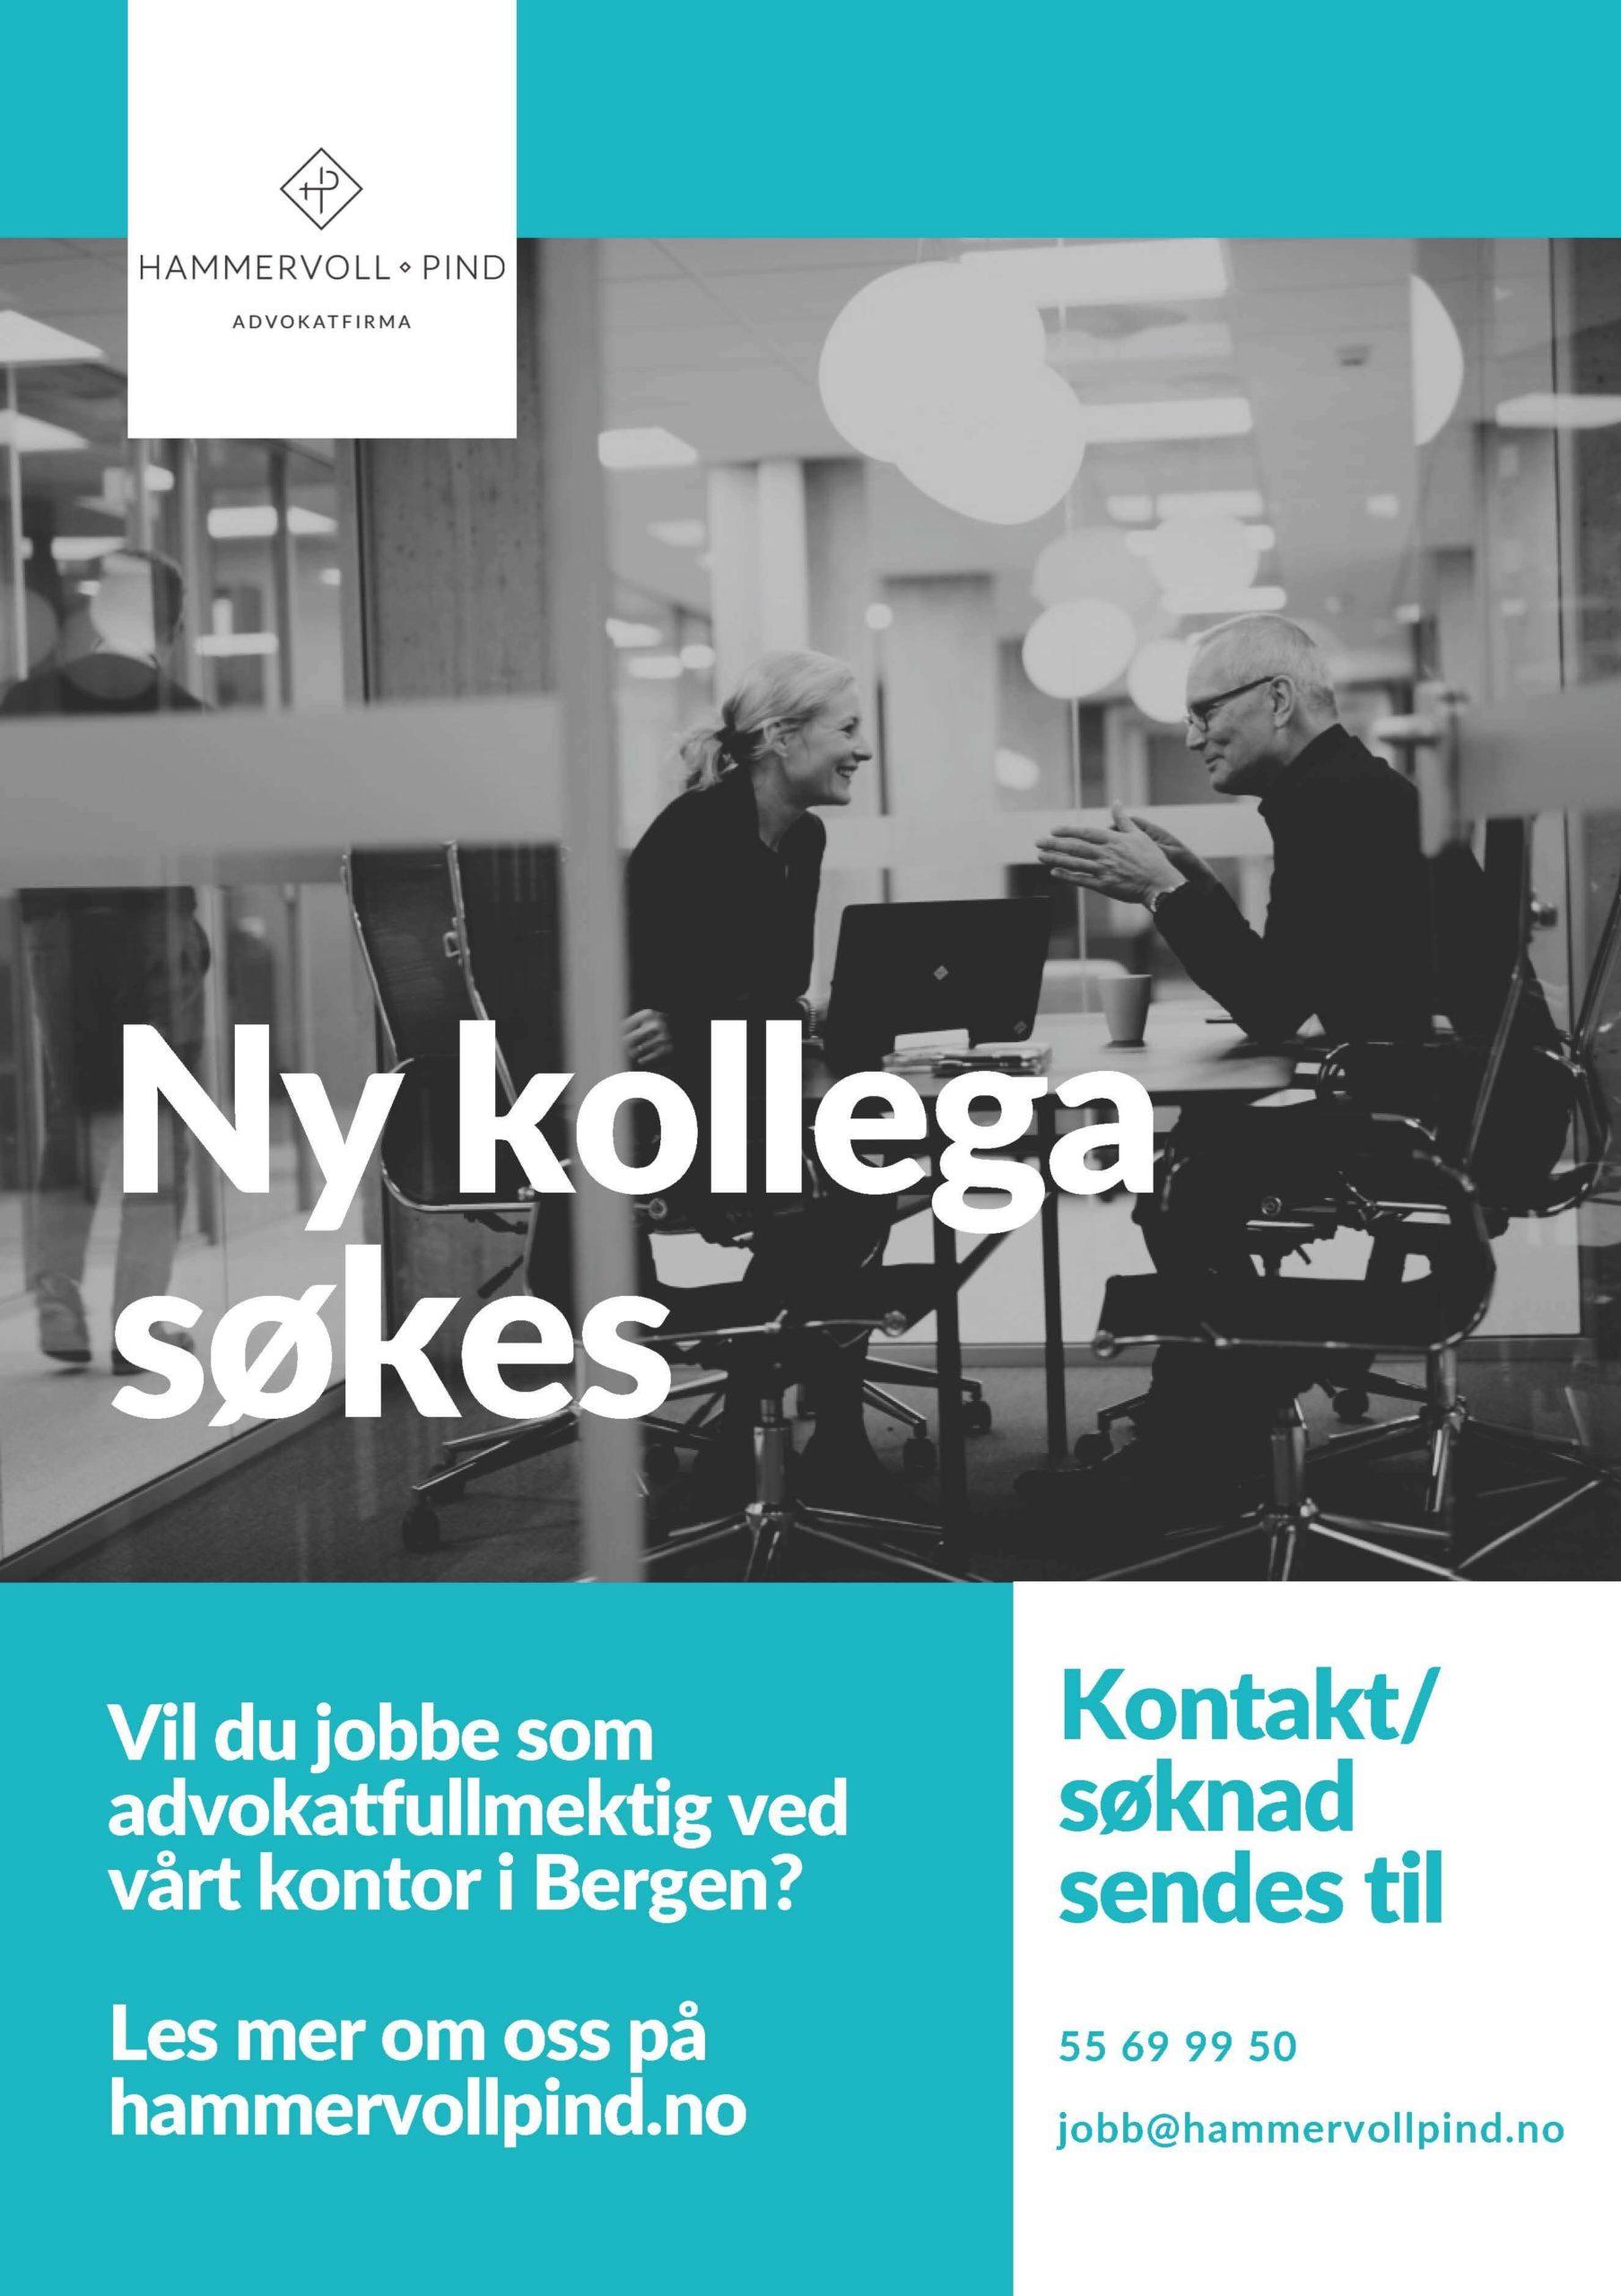 Ny kollega søkes til vårt kontor i Bergen